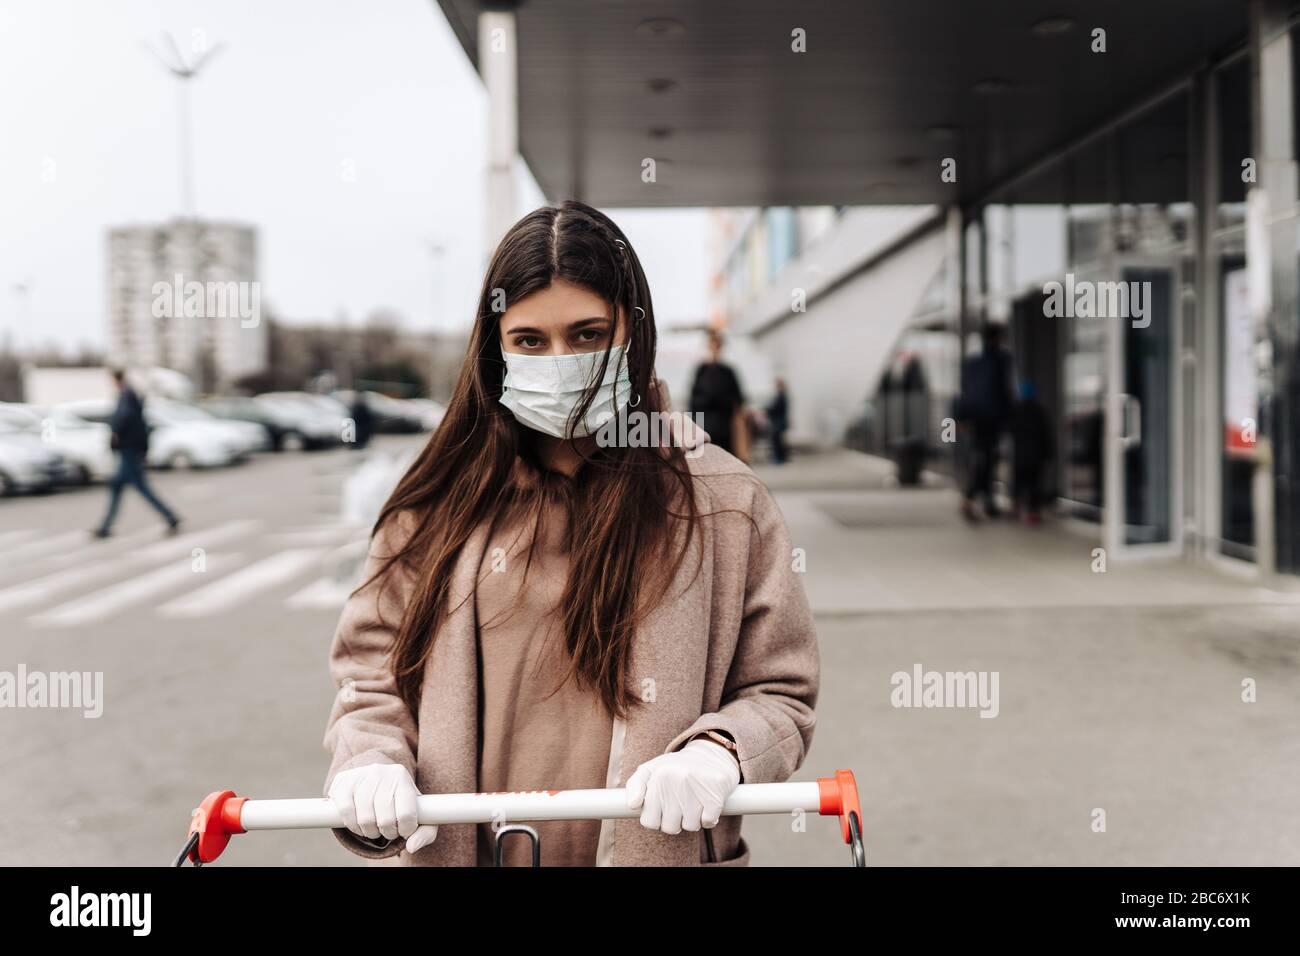 Jeune femme portant un masque de protection contre le coronavirus 2019-nCoV poussant un panier. Banque D'Images